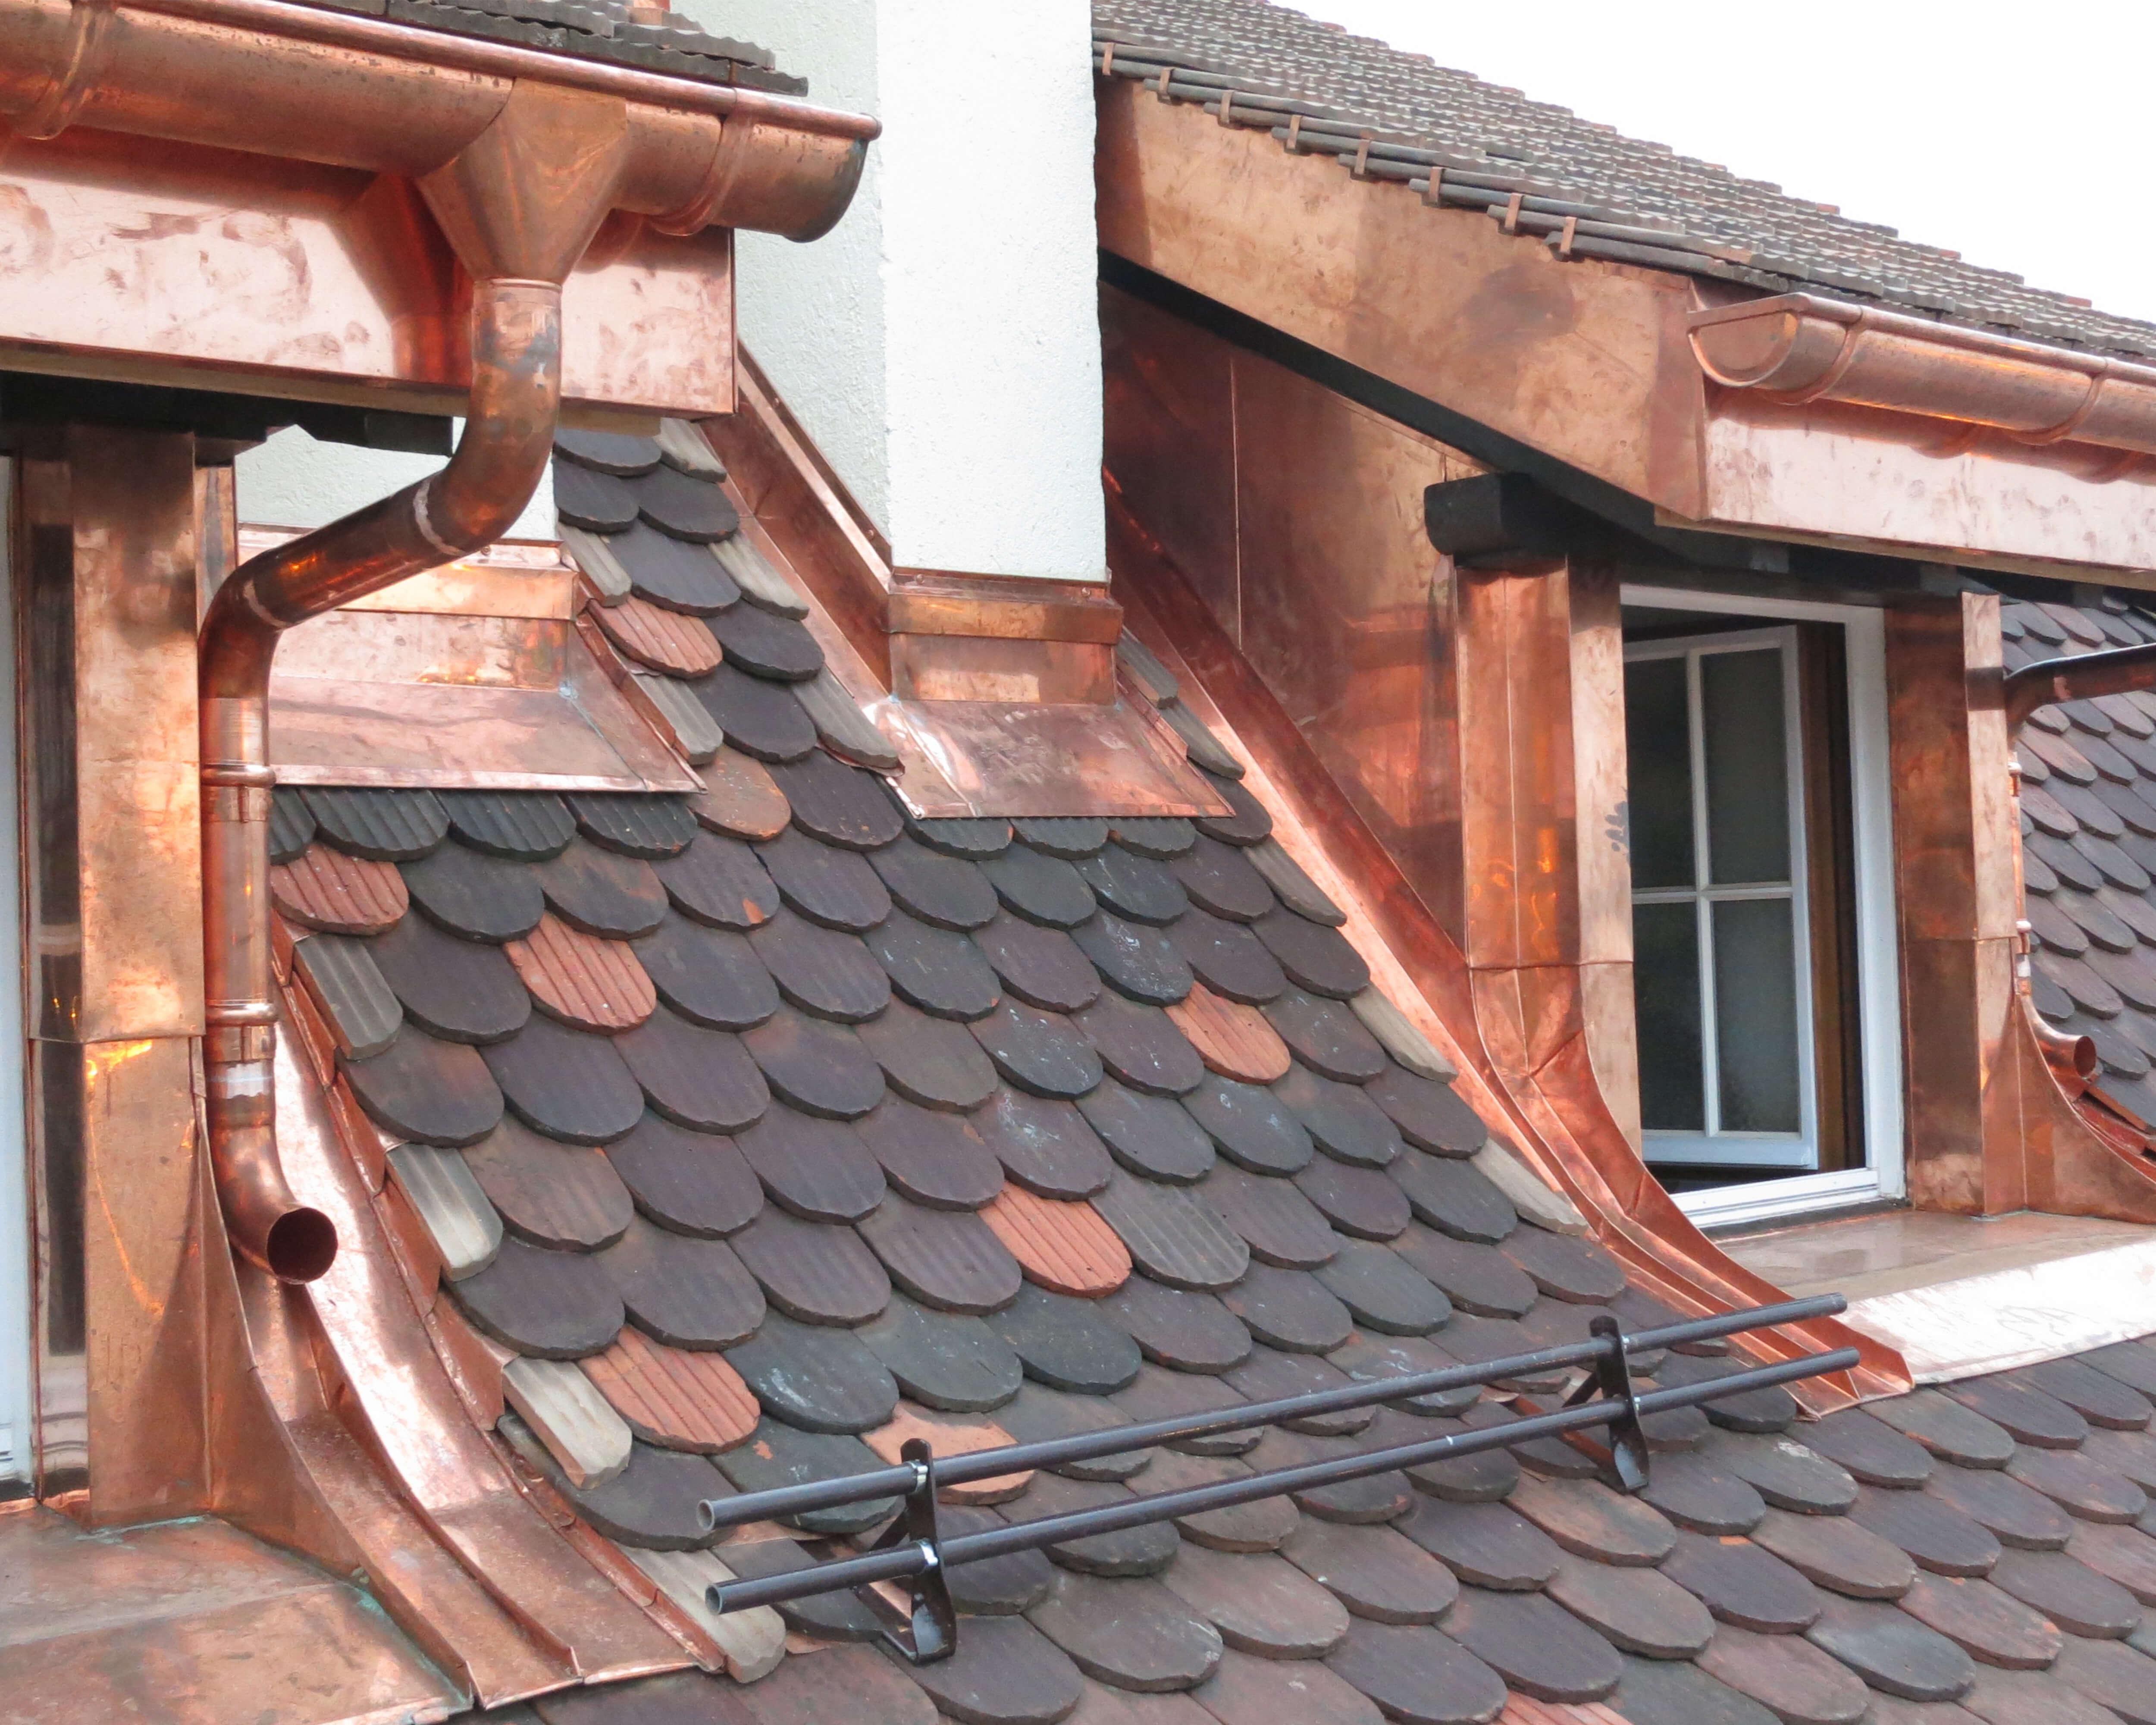 Couverture de toiture en cuivre - Kroepfli Toiture